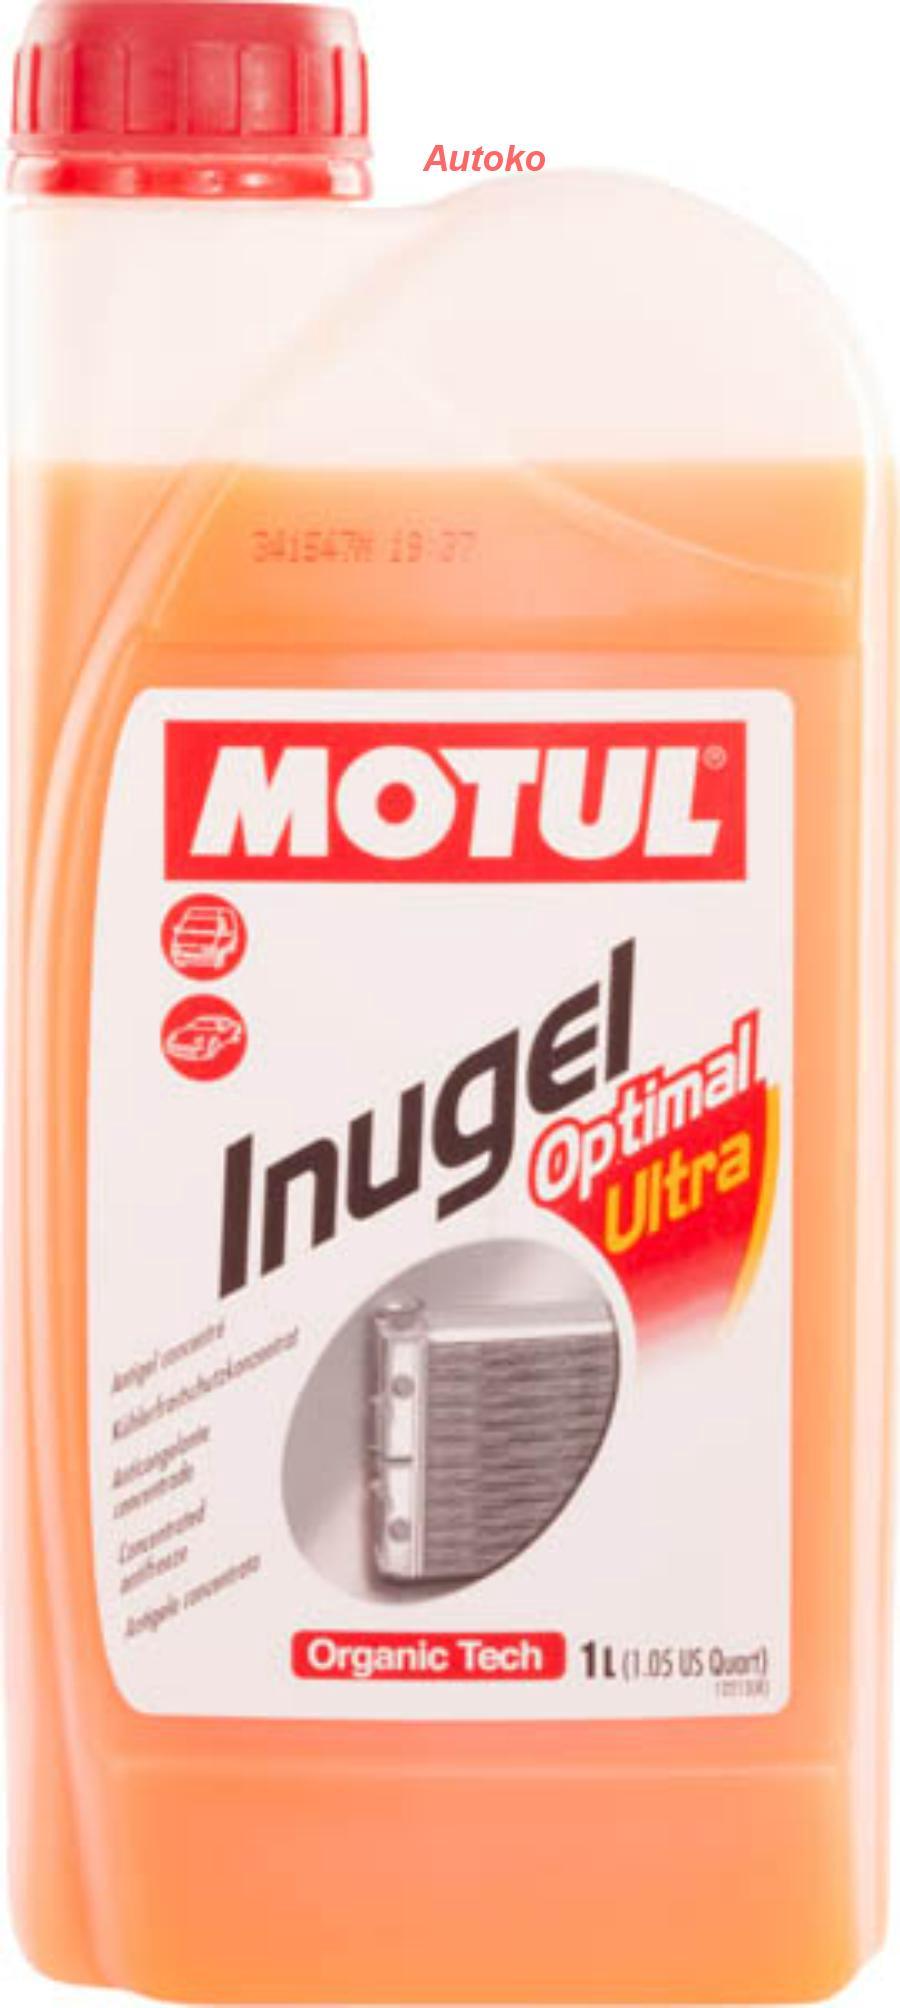 """Антифриз-концентрат """"Inugel Optimal Ultra"""", 1л"""